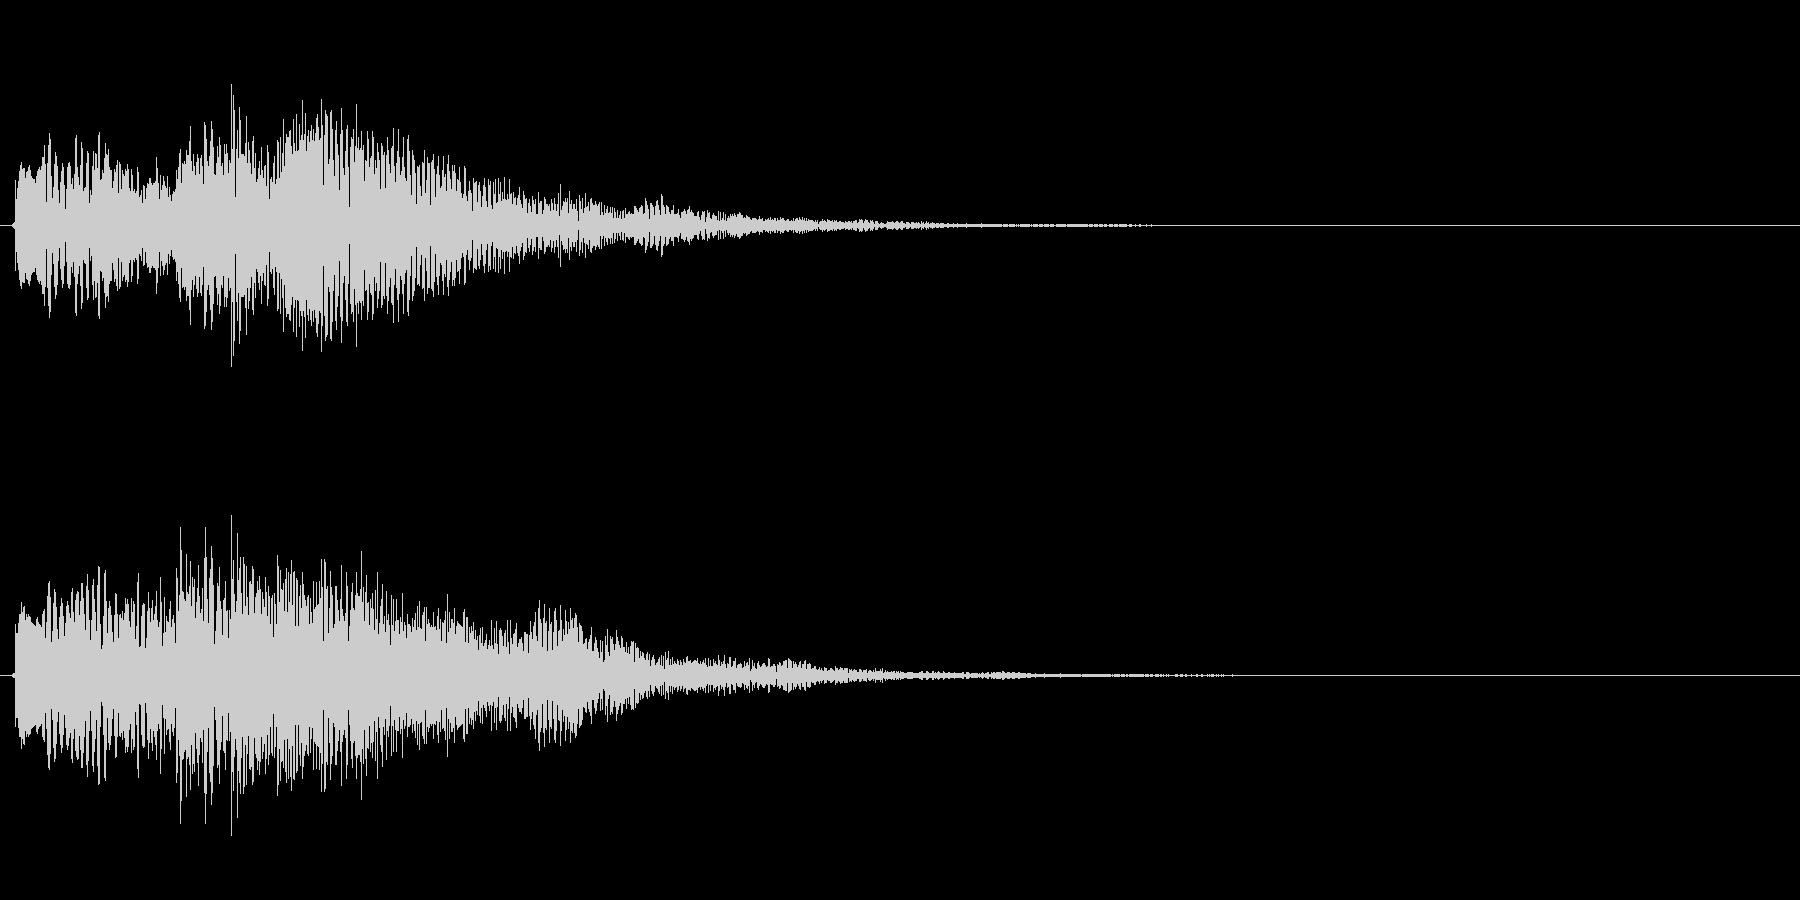 キラキラしたベルの上昇音5の未再生の波形